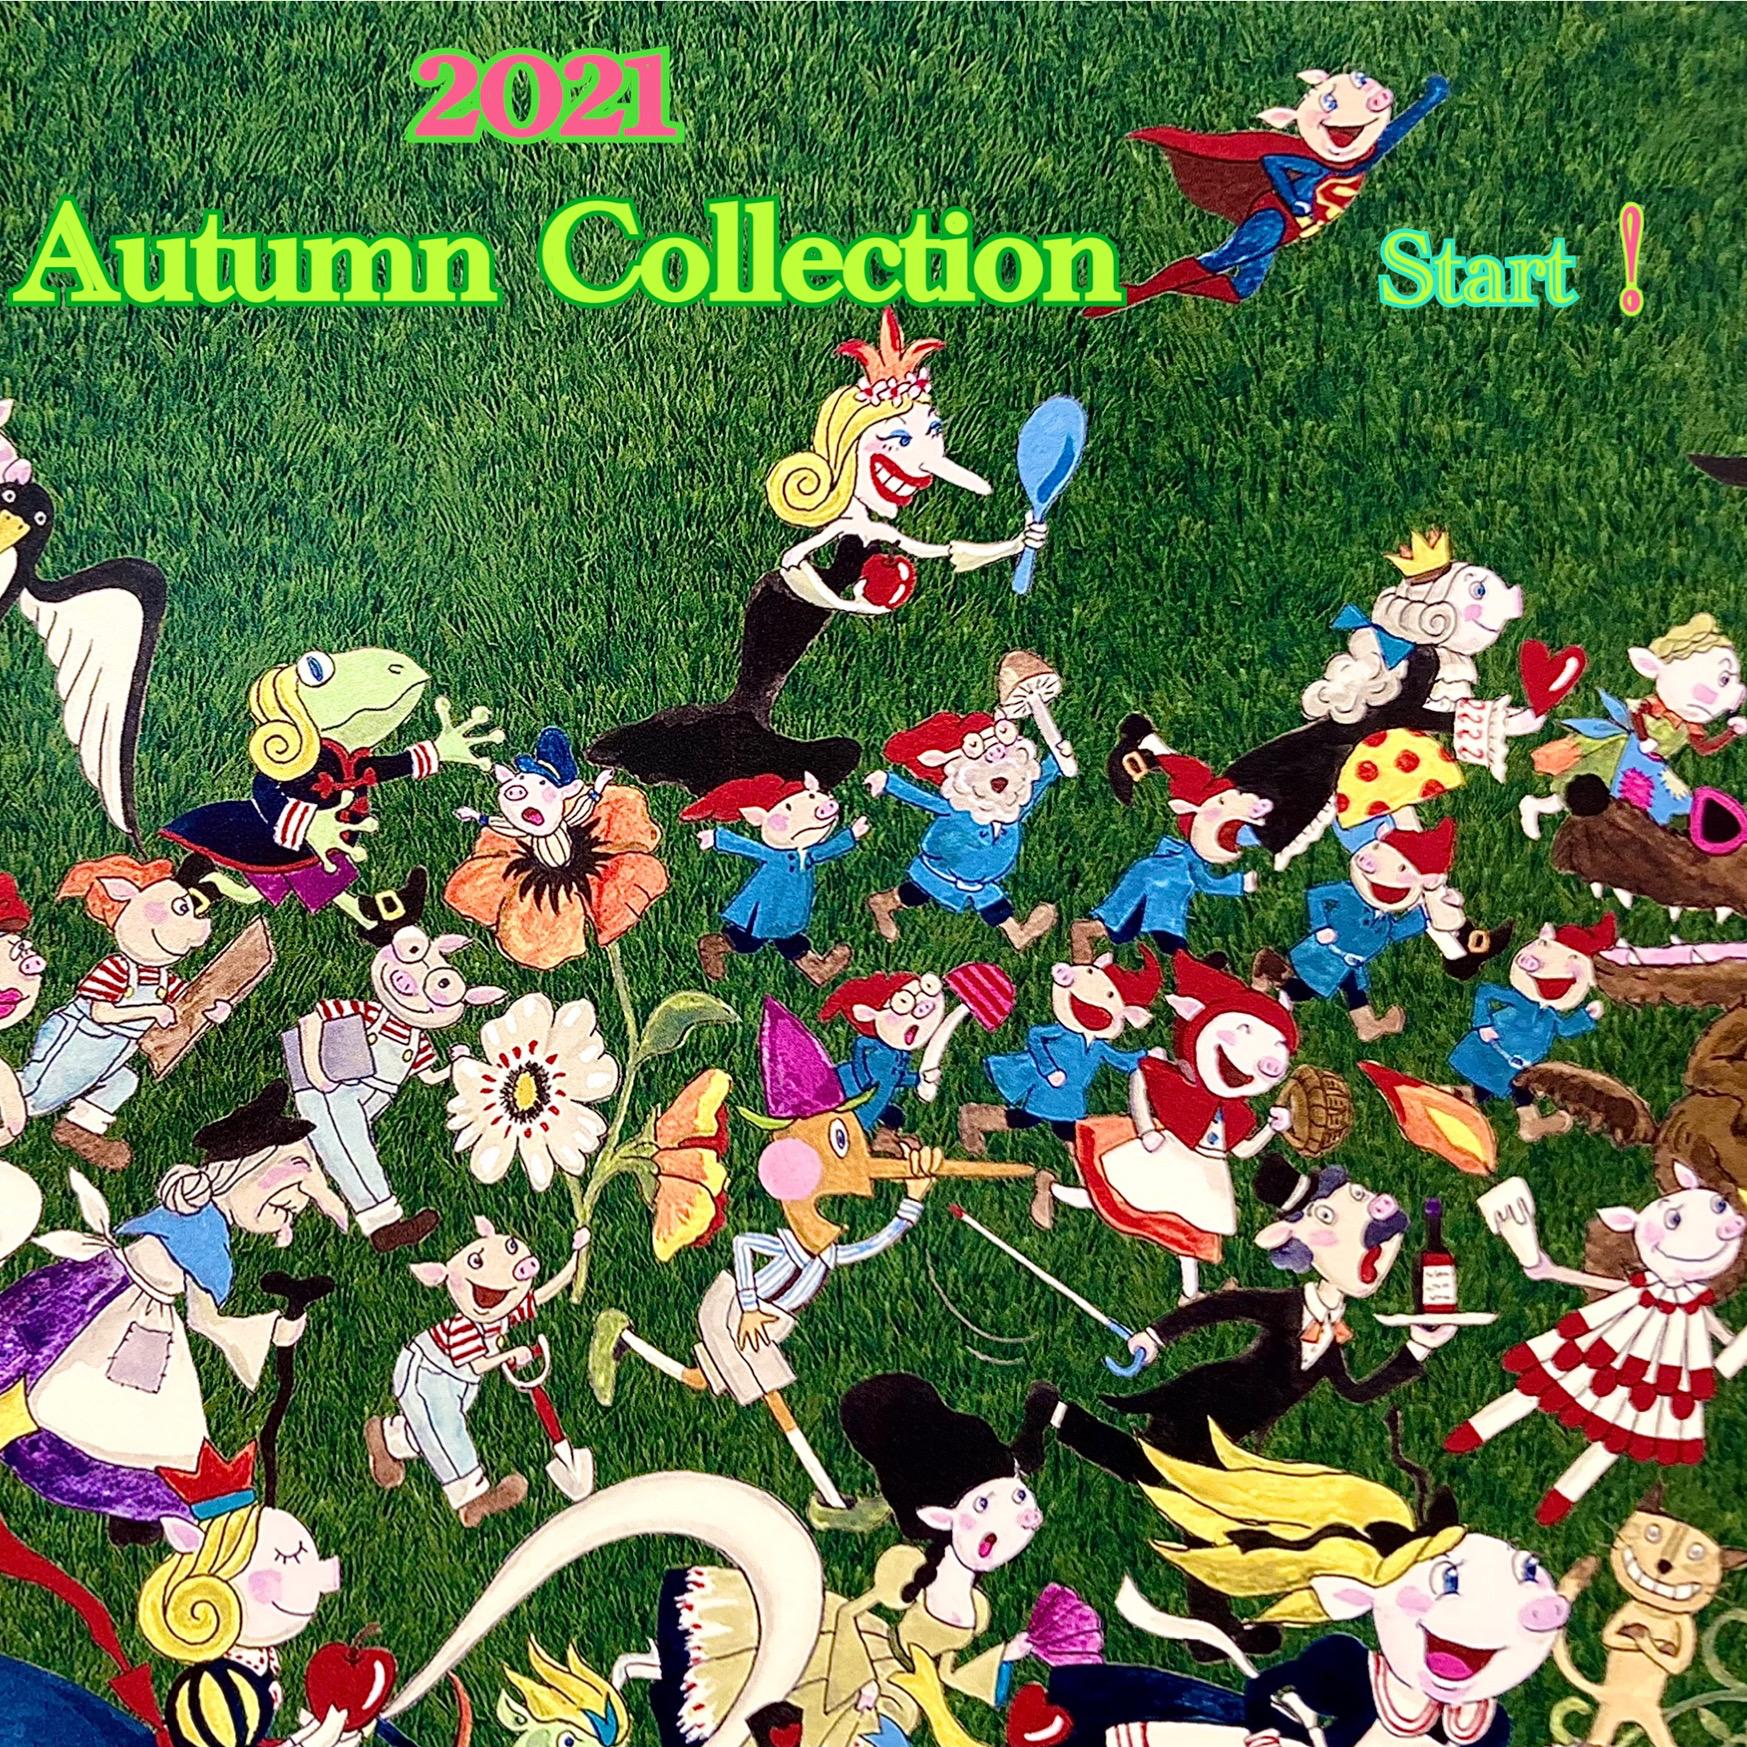 2021 Autumn Collection 7/31 Start !!